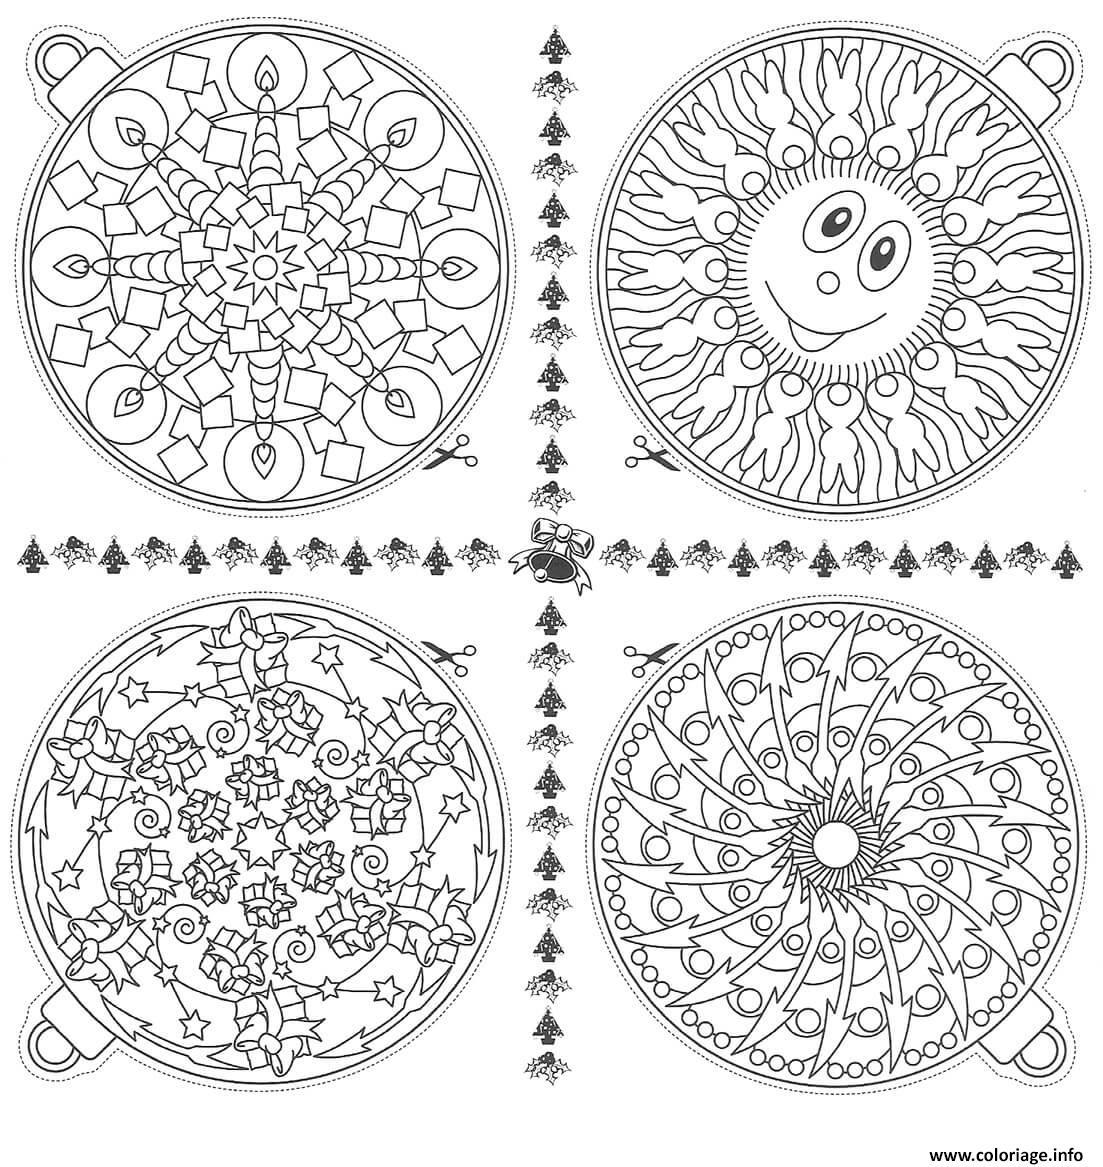 Coloriage boules de noel mandala dessin - Dessins de mandala ...